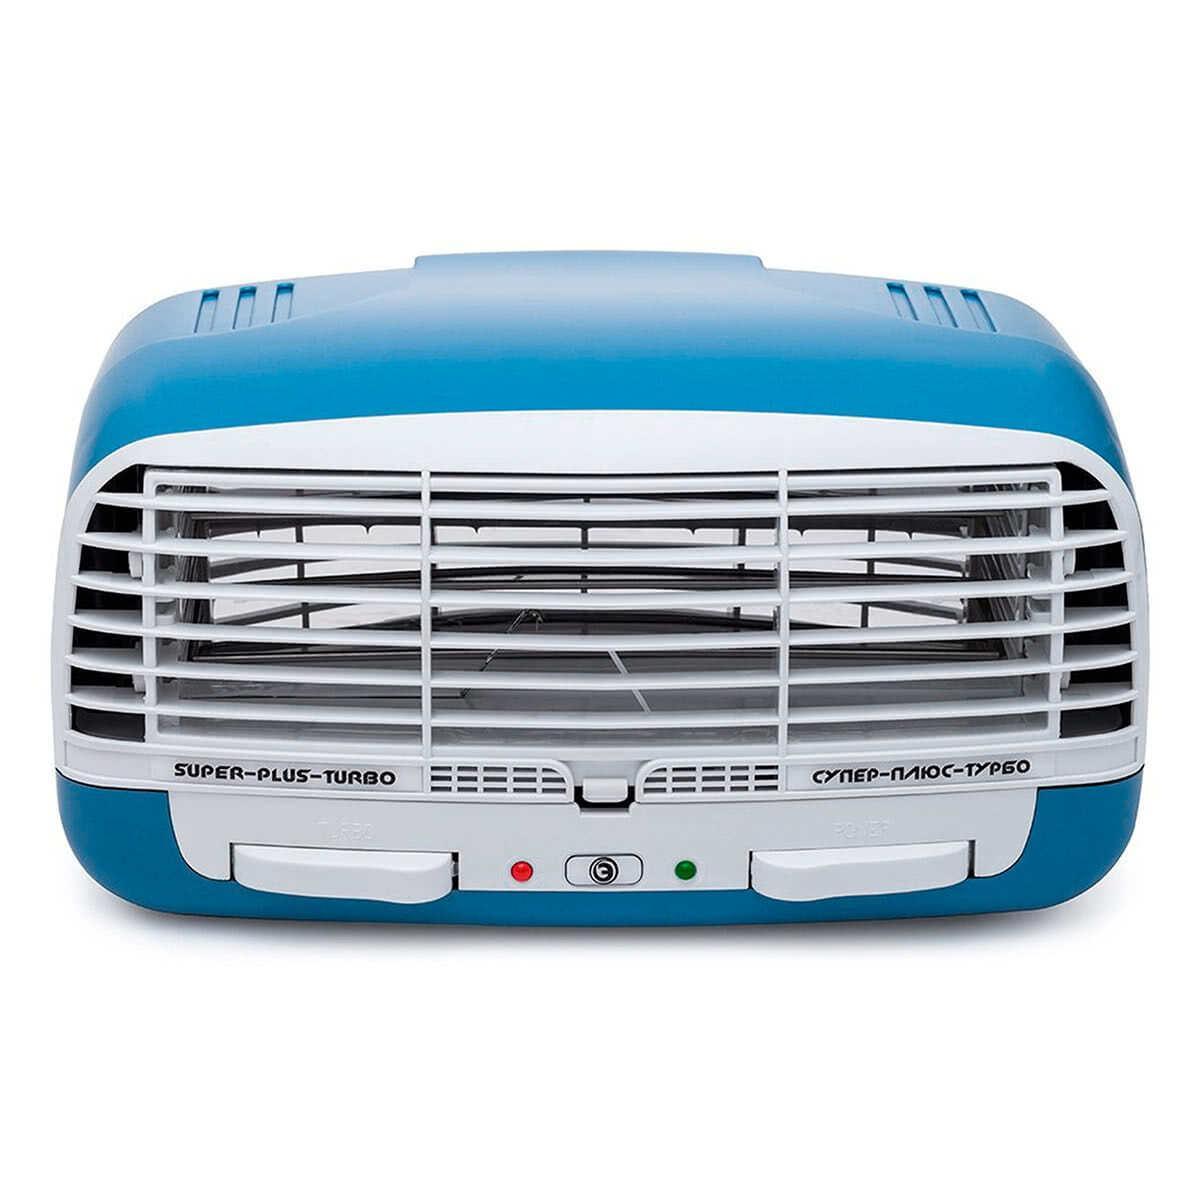 Іонізатор-очищувач повітря Супер Плюс Турбо